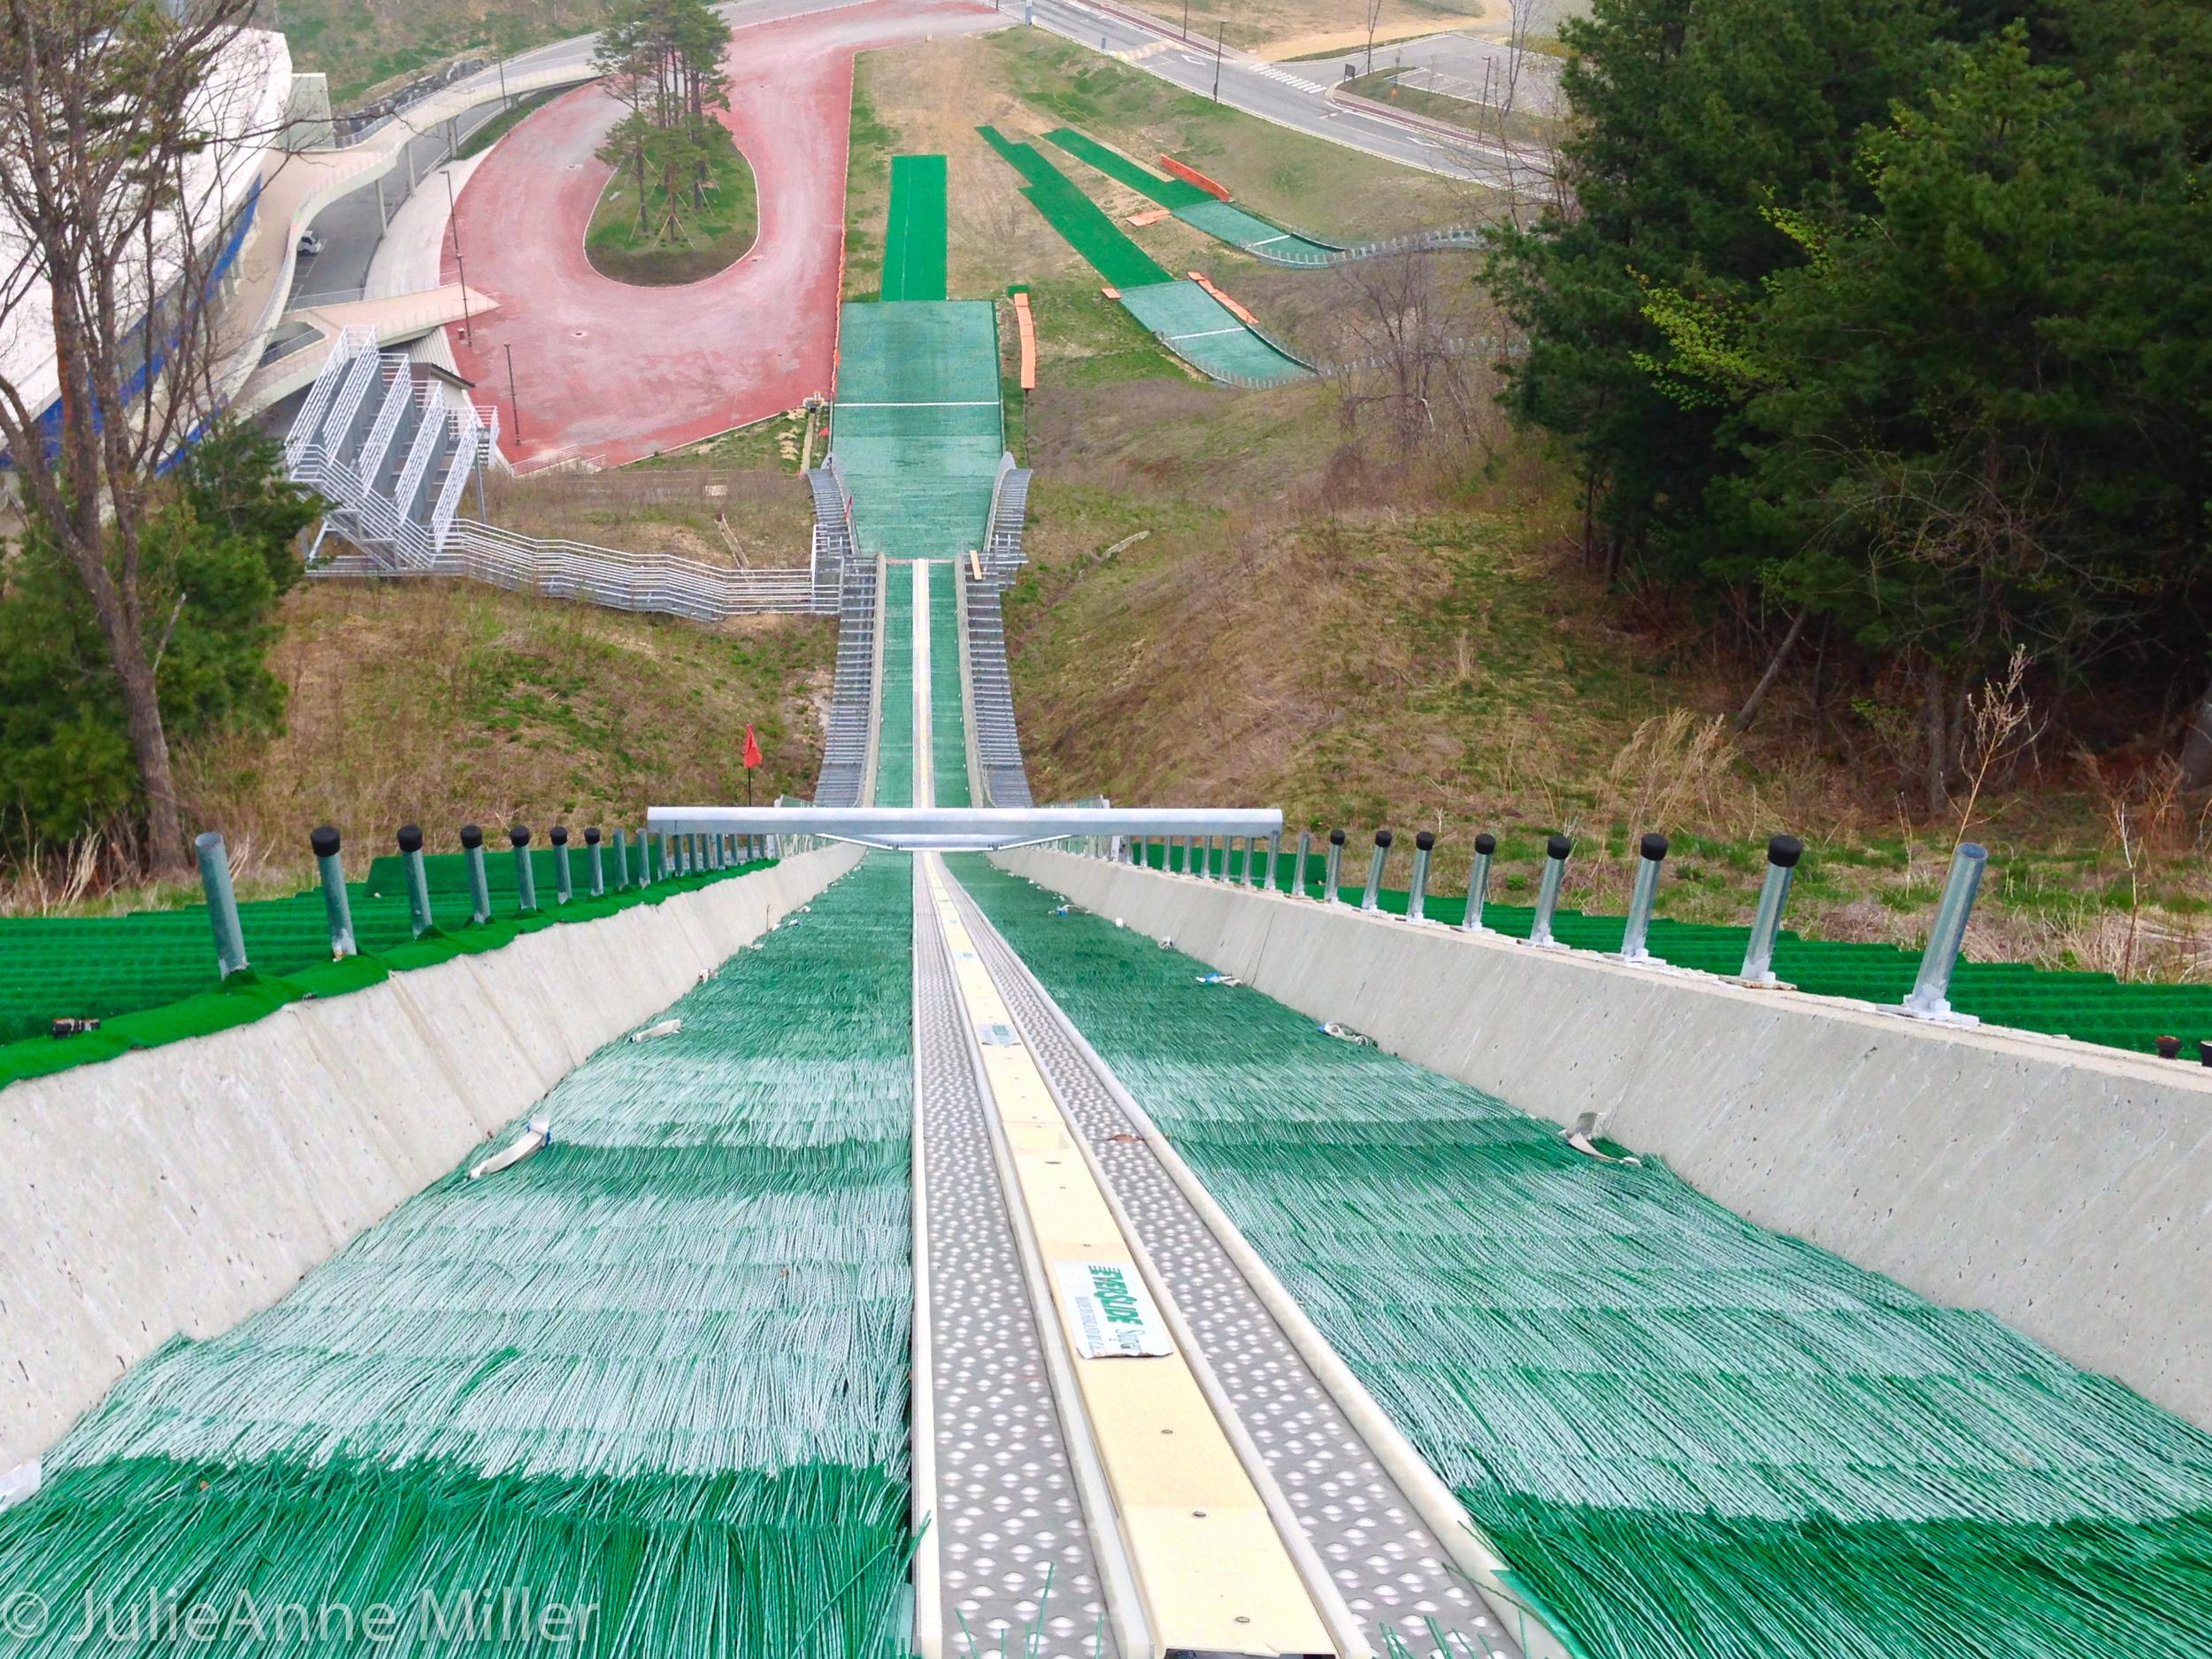 Ski jump at Alpensia